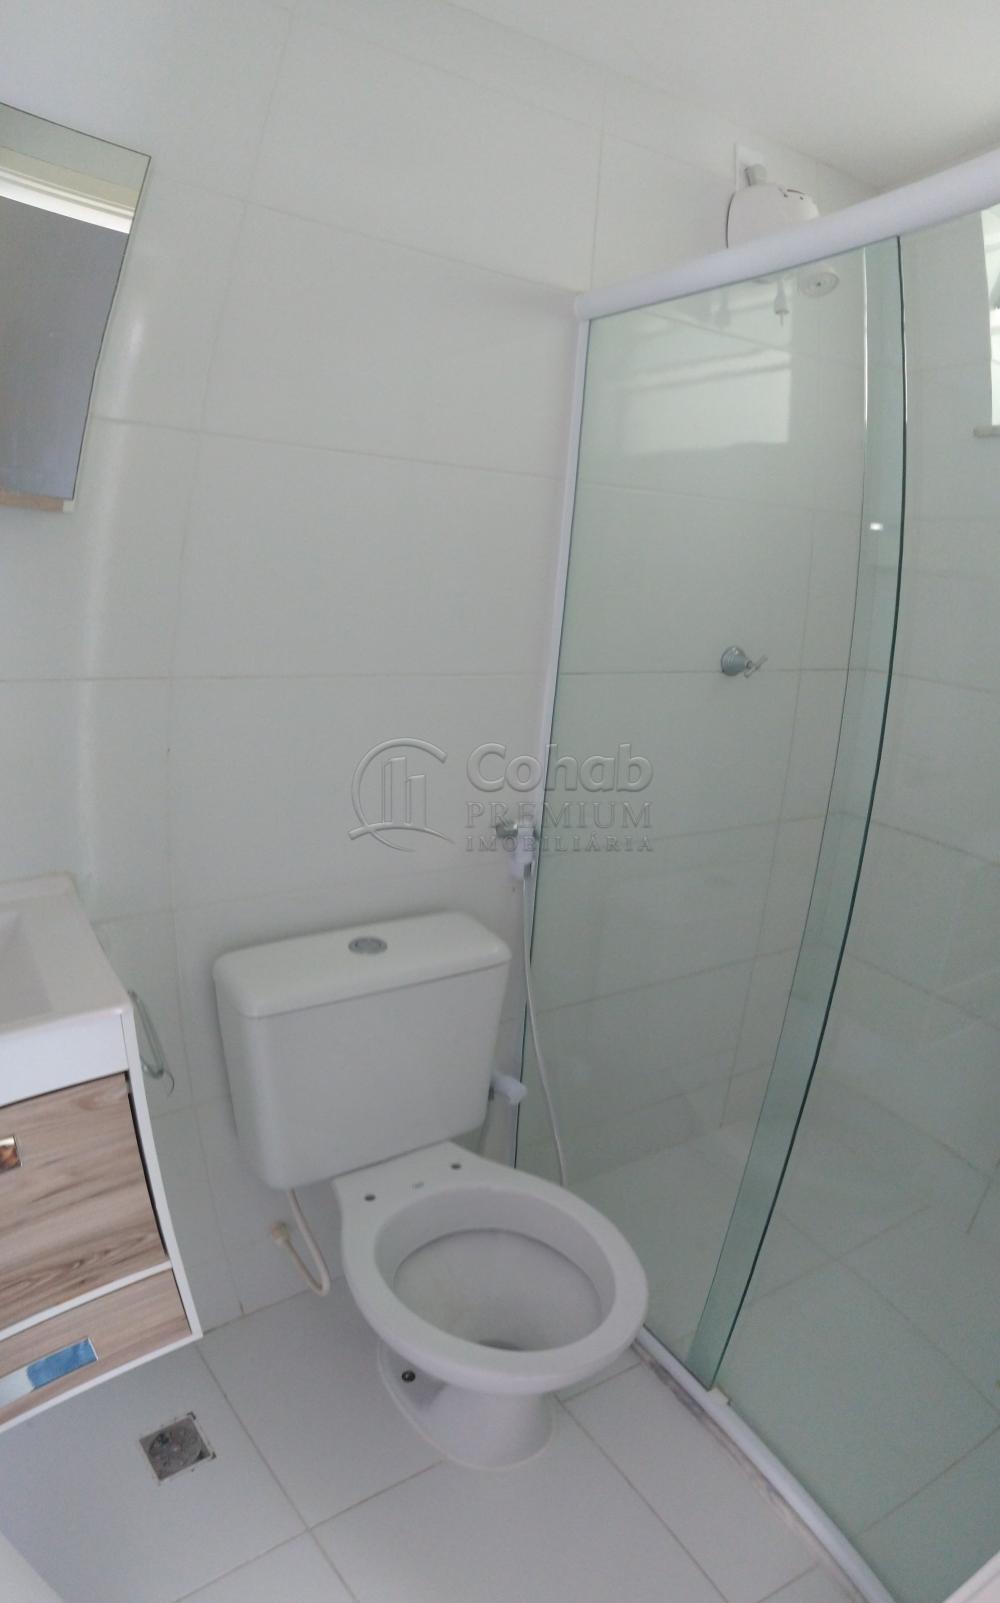 Alugar Apartamento / Padrão em Aracaju apenas R$ 450,00 - Foto 7